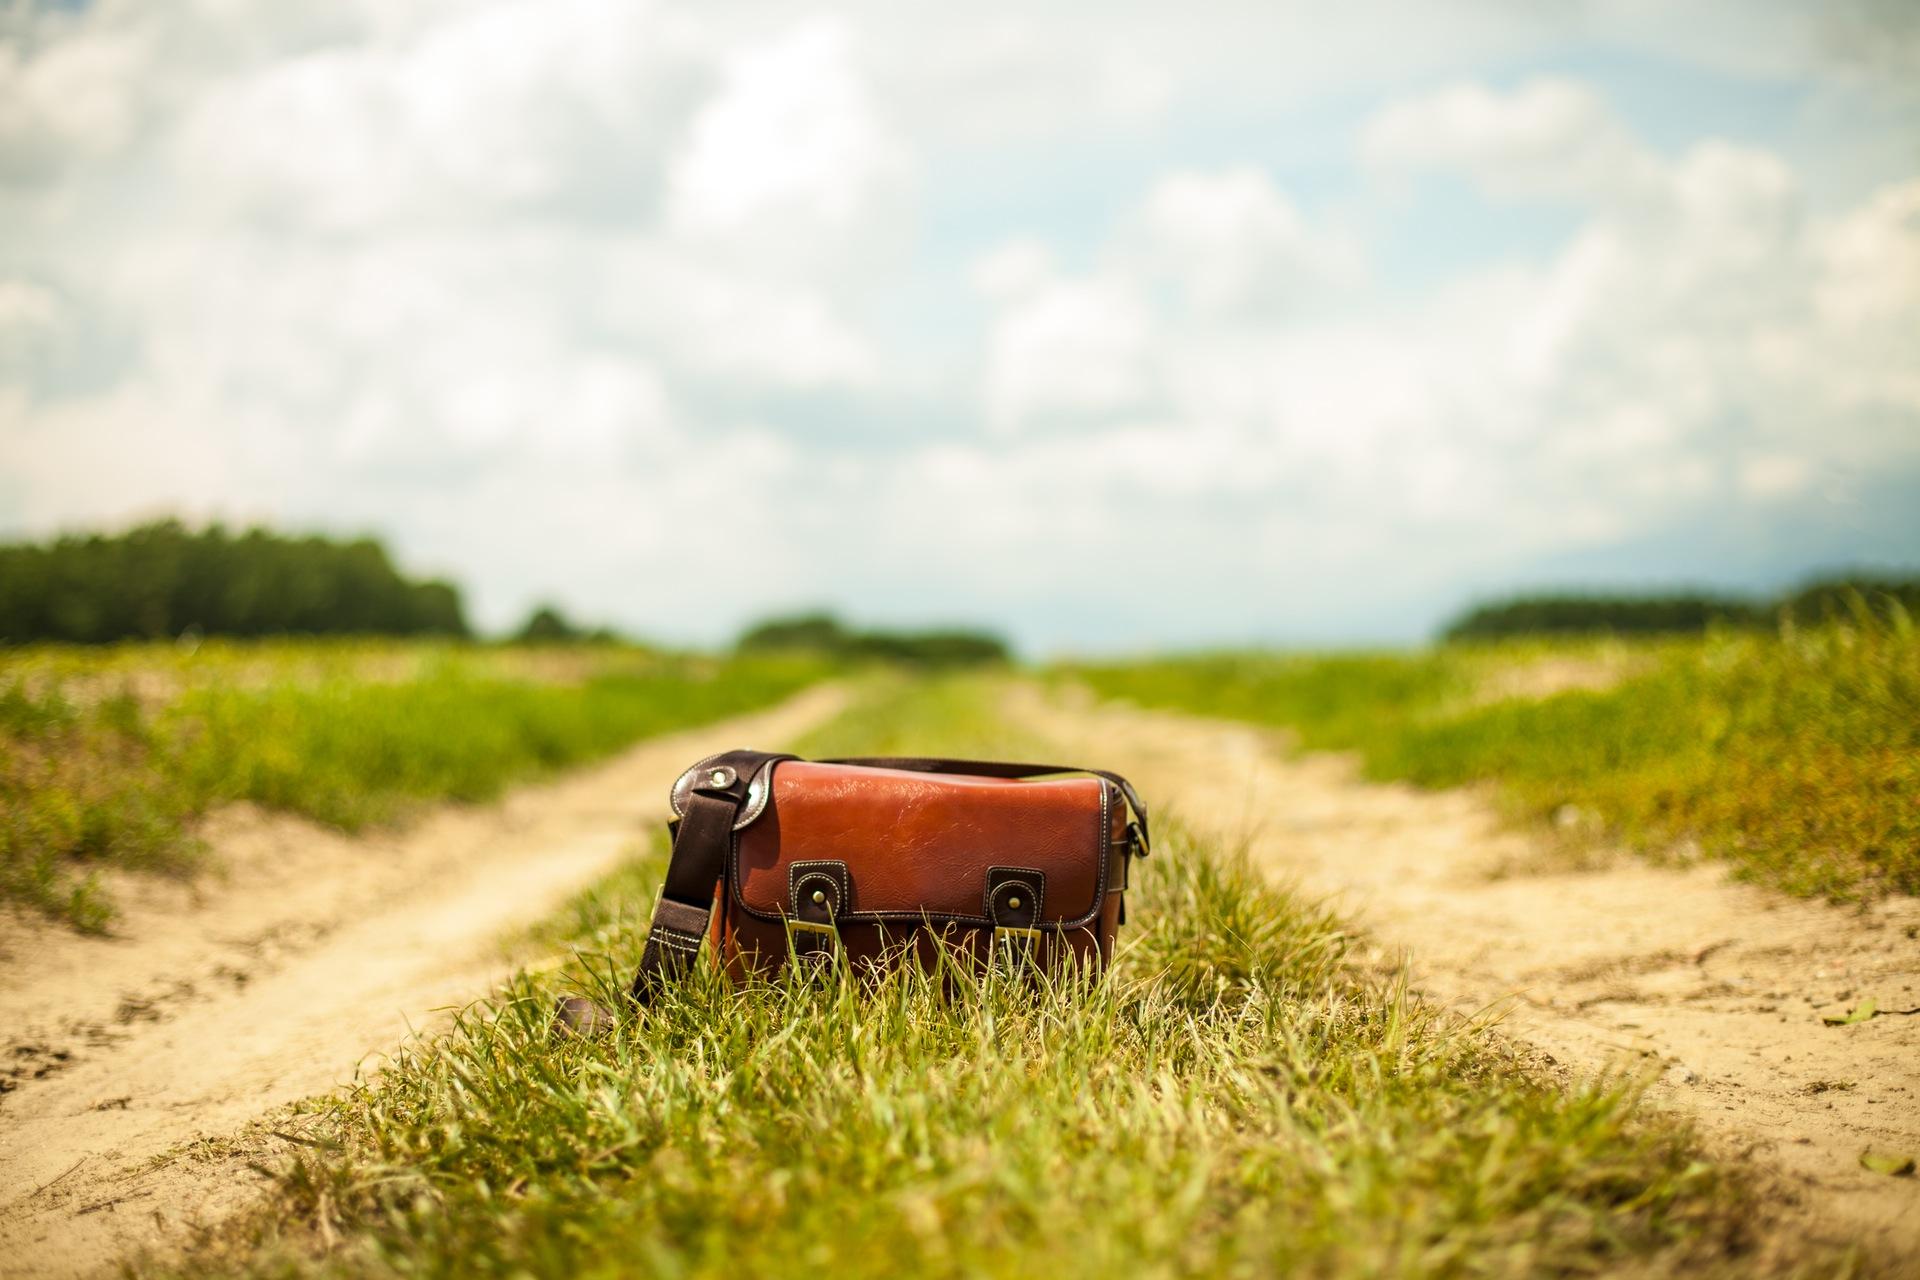 ポケット, 道路, セット, ルート, トレイル, フィールド - HD の壁紙 - 教授-falken.com